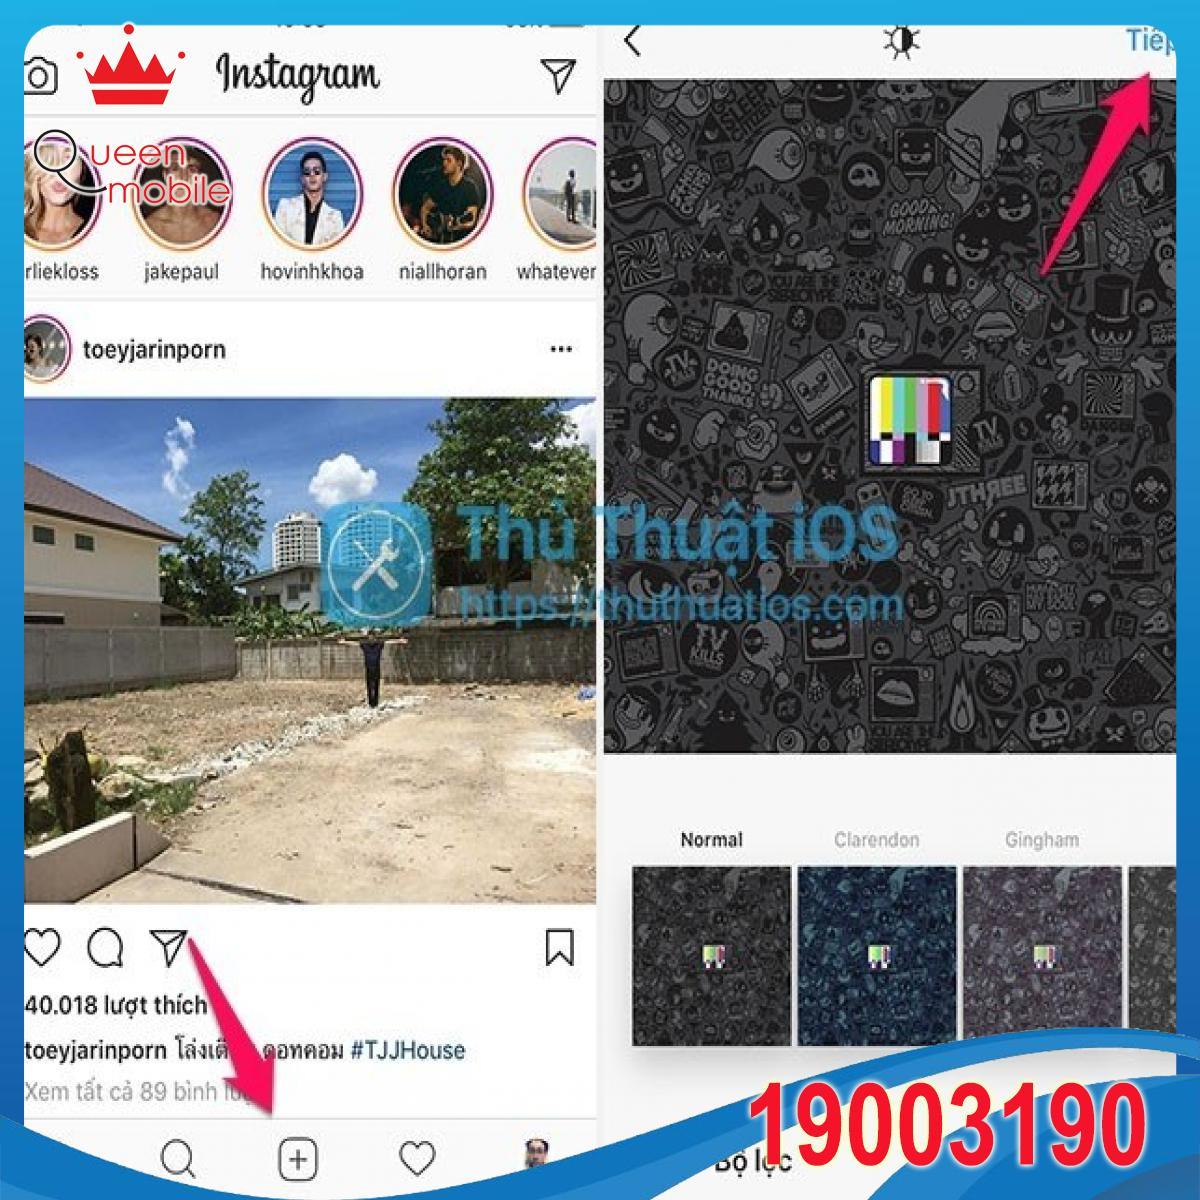 Cách tắt bình luận của bài đăng trên Instagram